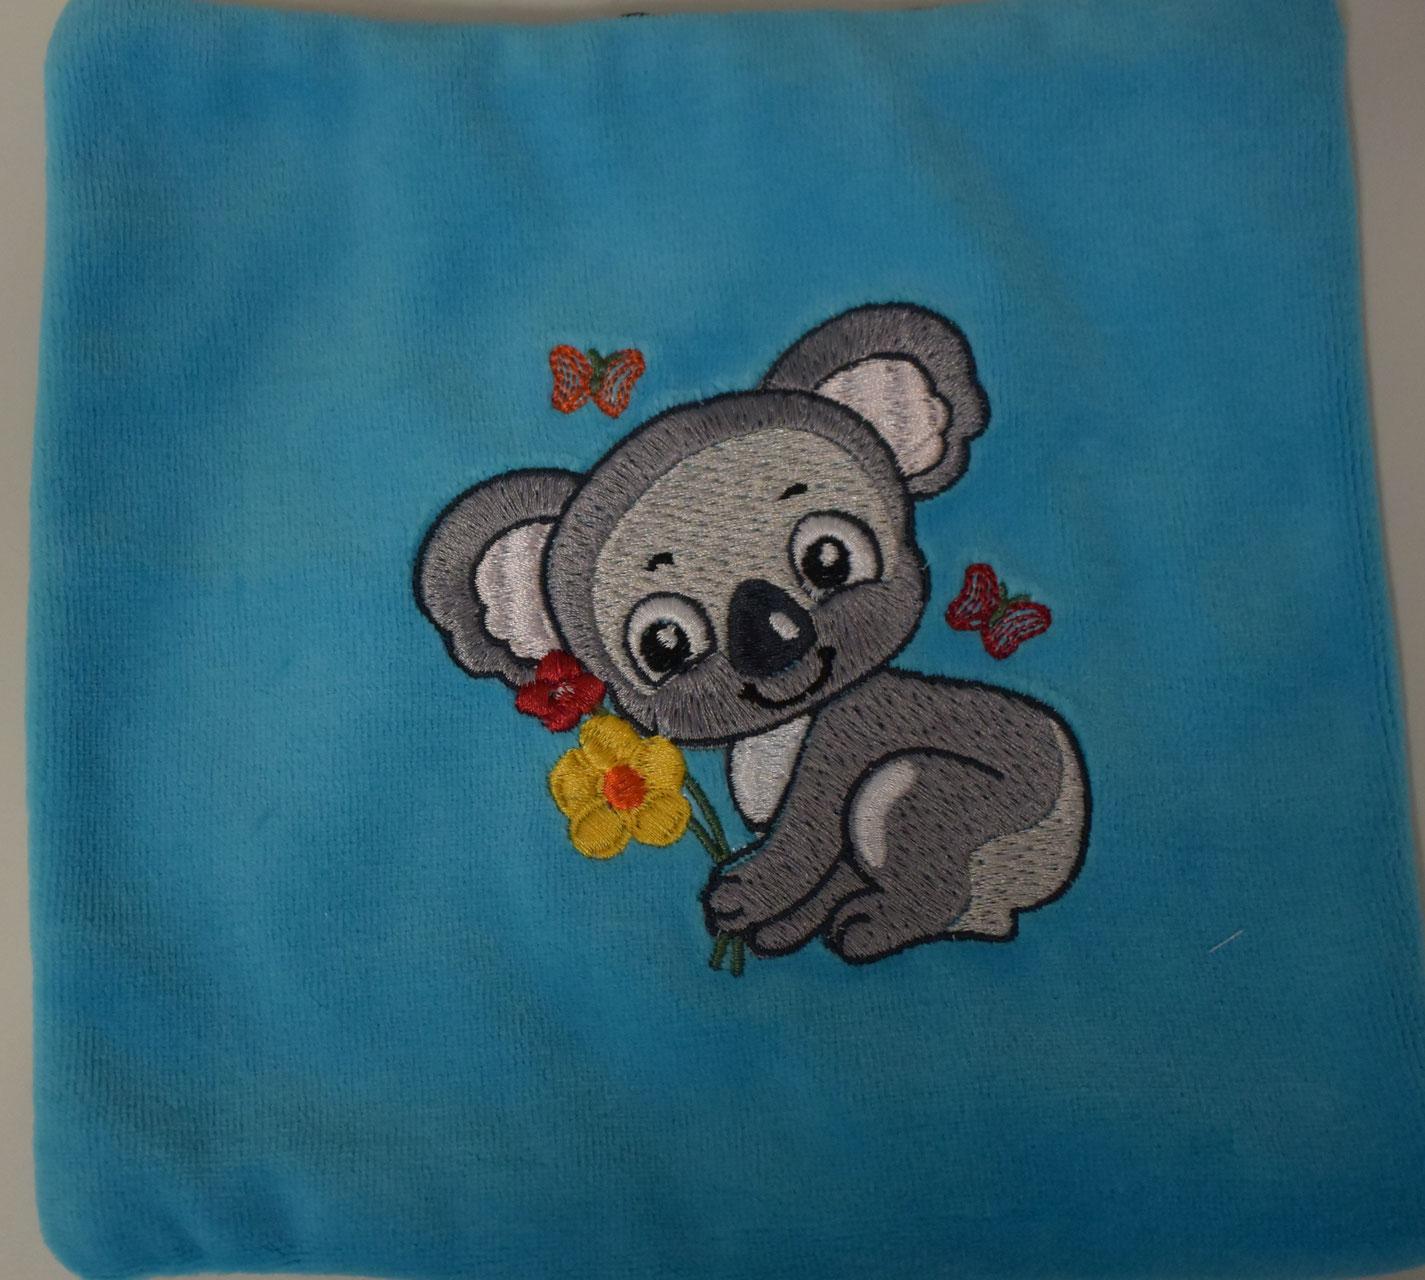 kirschkernkissen personalisierte geschenke f r das baby essl tze kapuzenbadet cher poncho. Black Bedroom Furniture Sets. Home Design Ideas